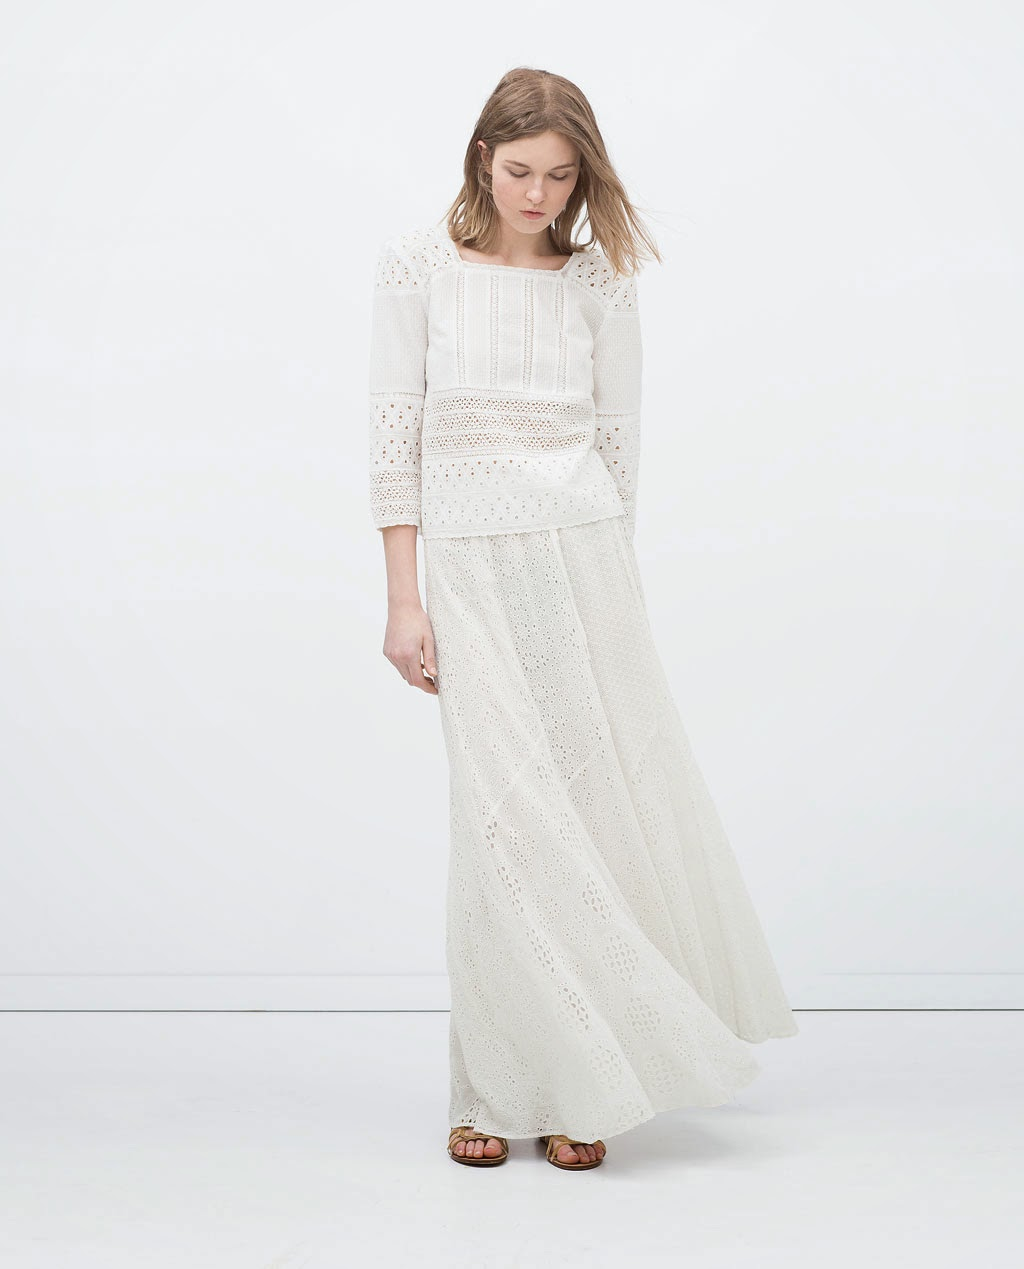 Zara - Top, saia comprida branca de renda e gladiadora em pele